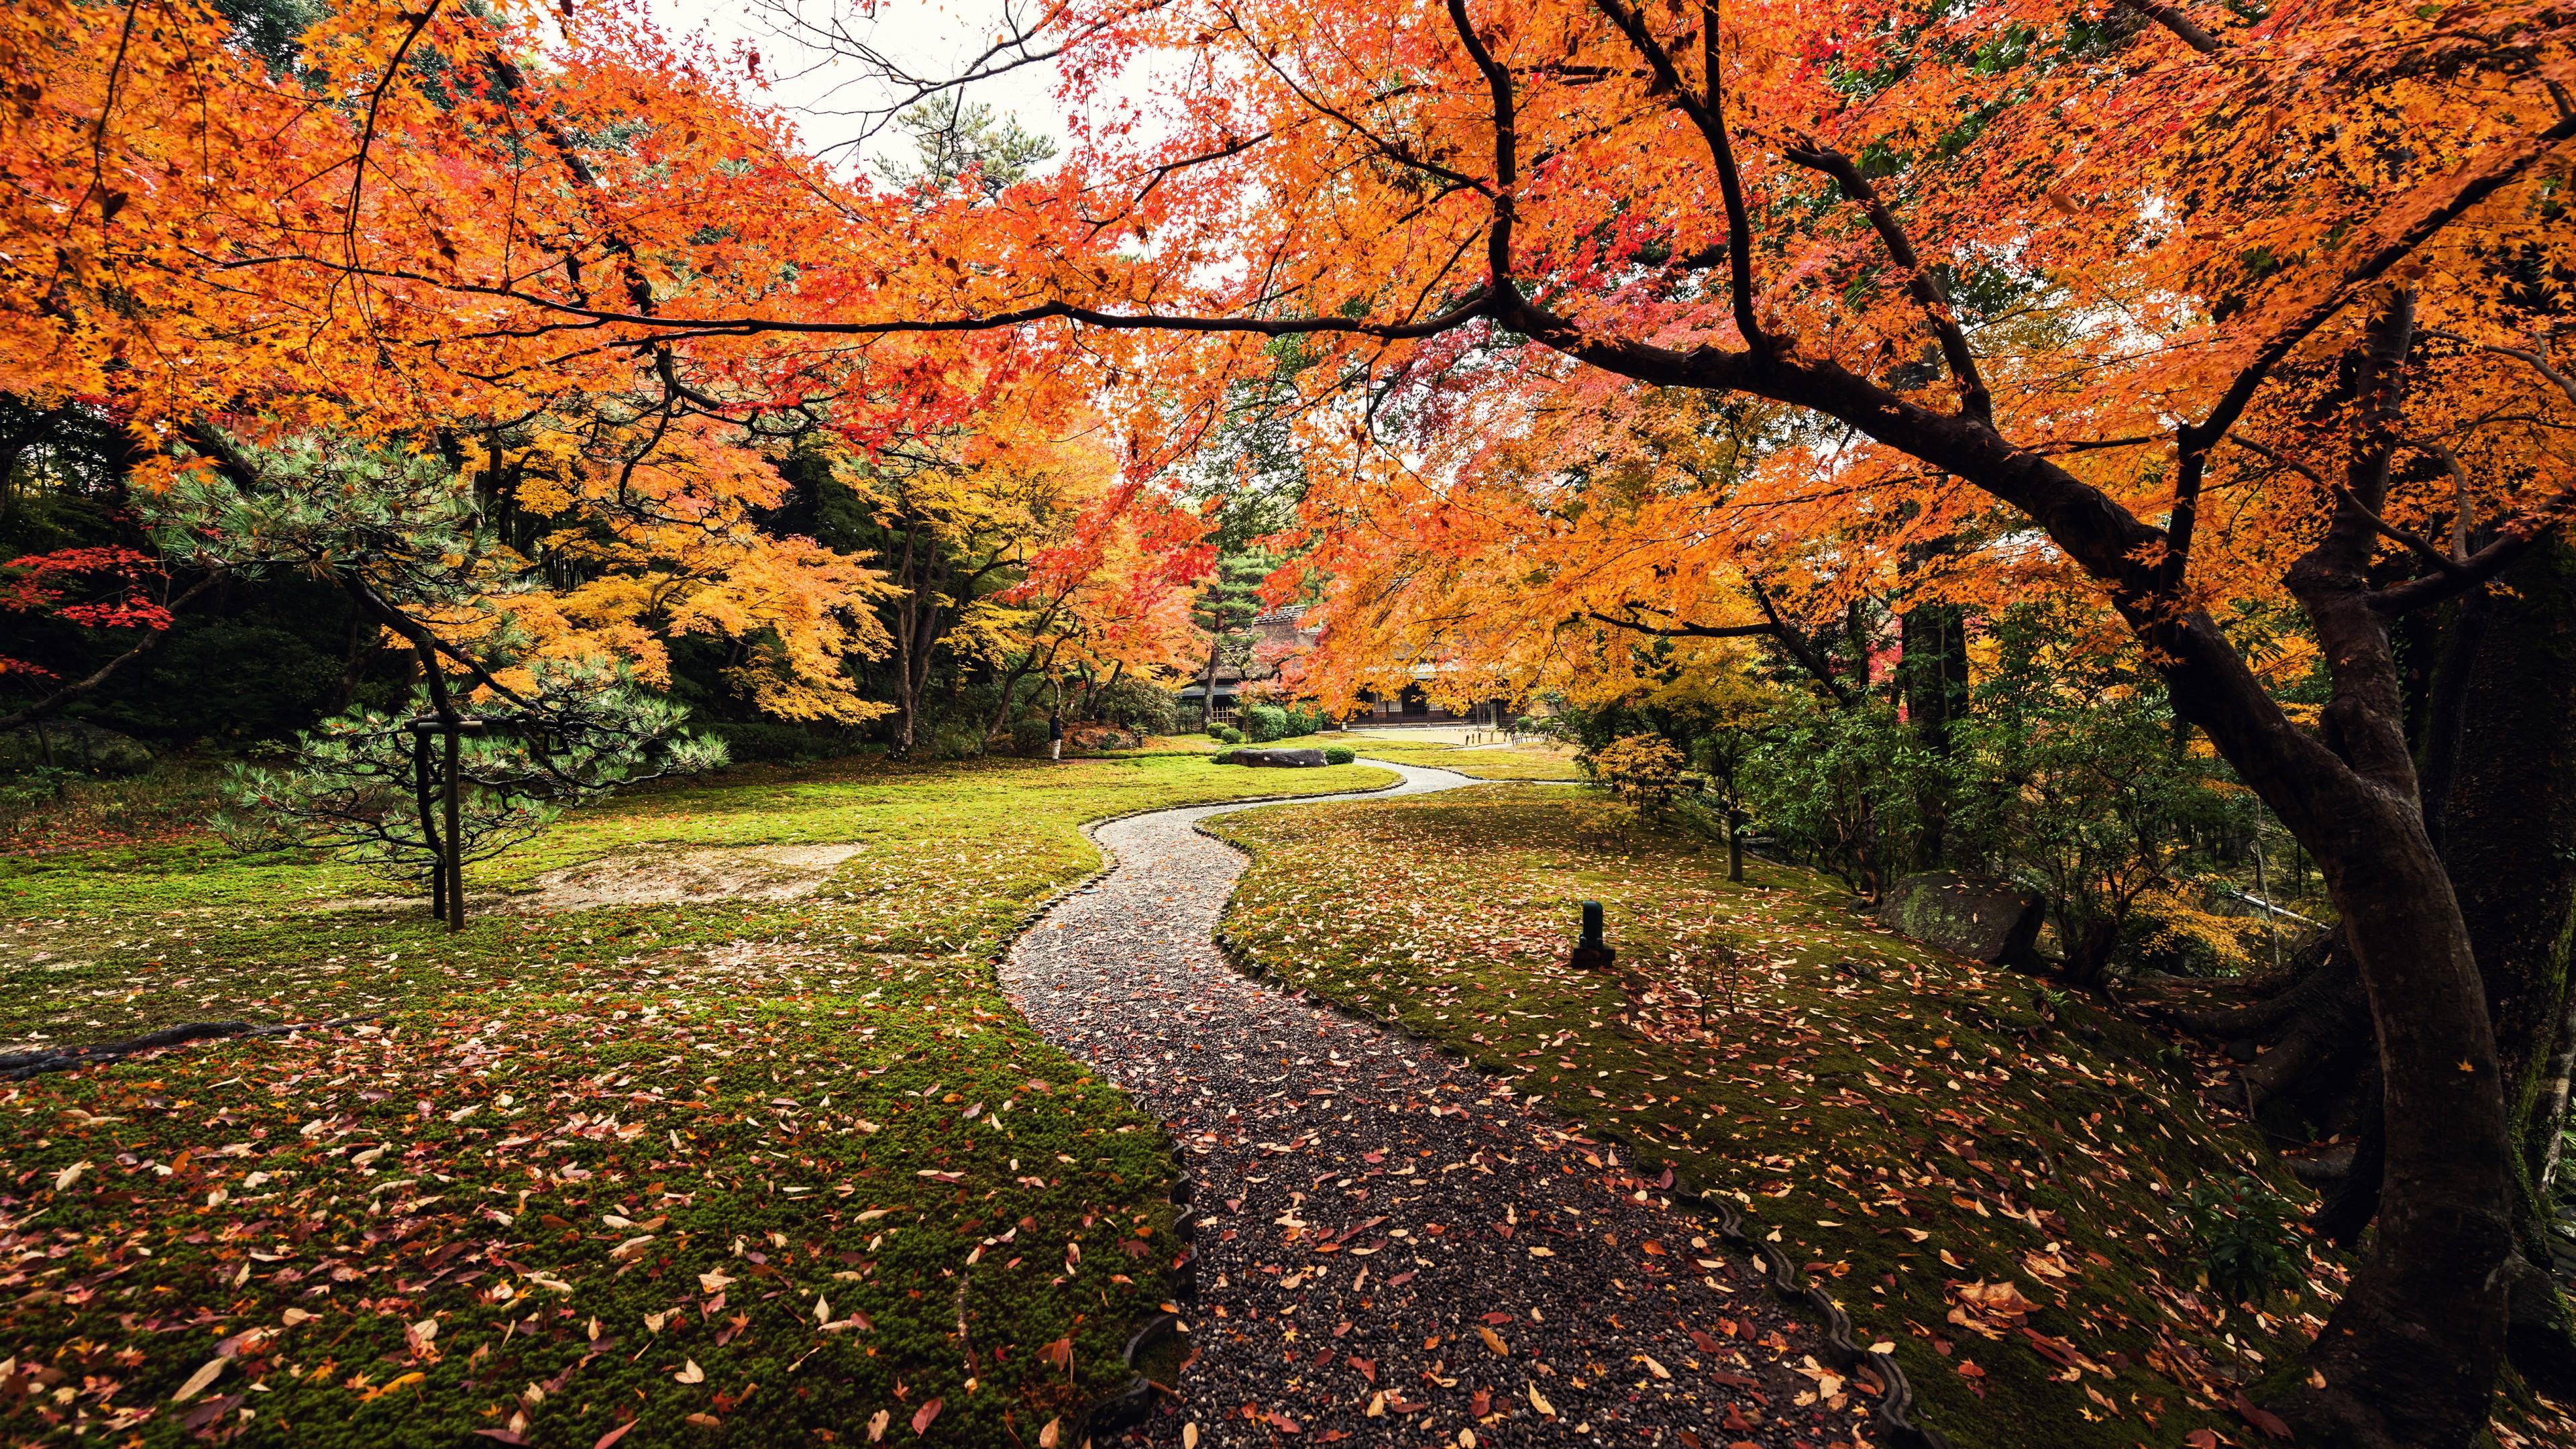 Осенний багряно-желтый лиственный лес с извилистой тропинкой